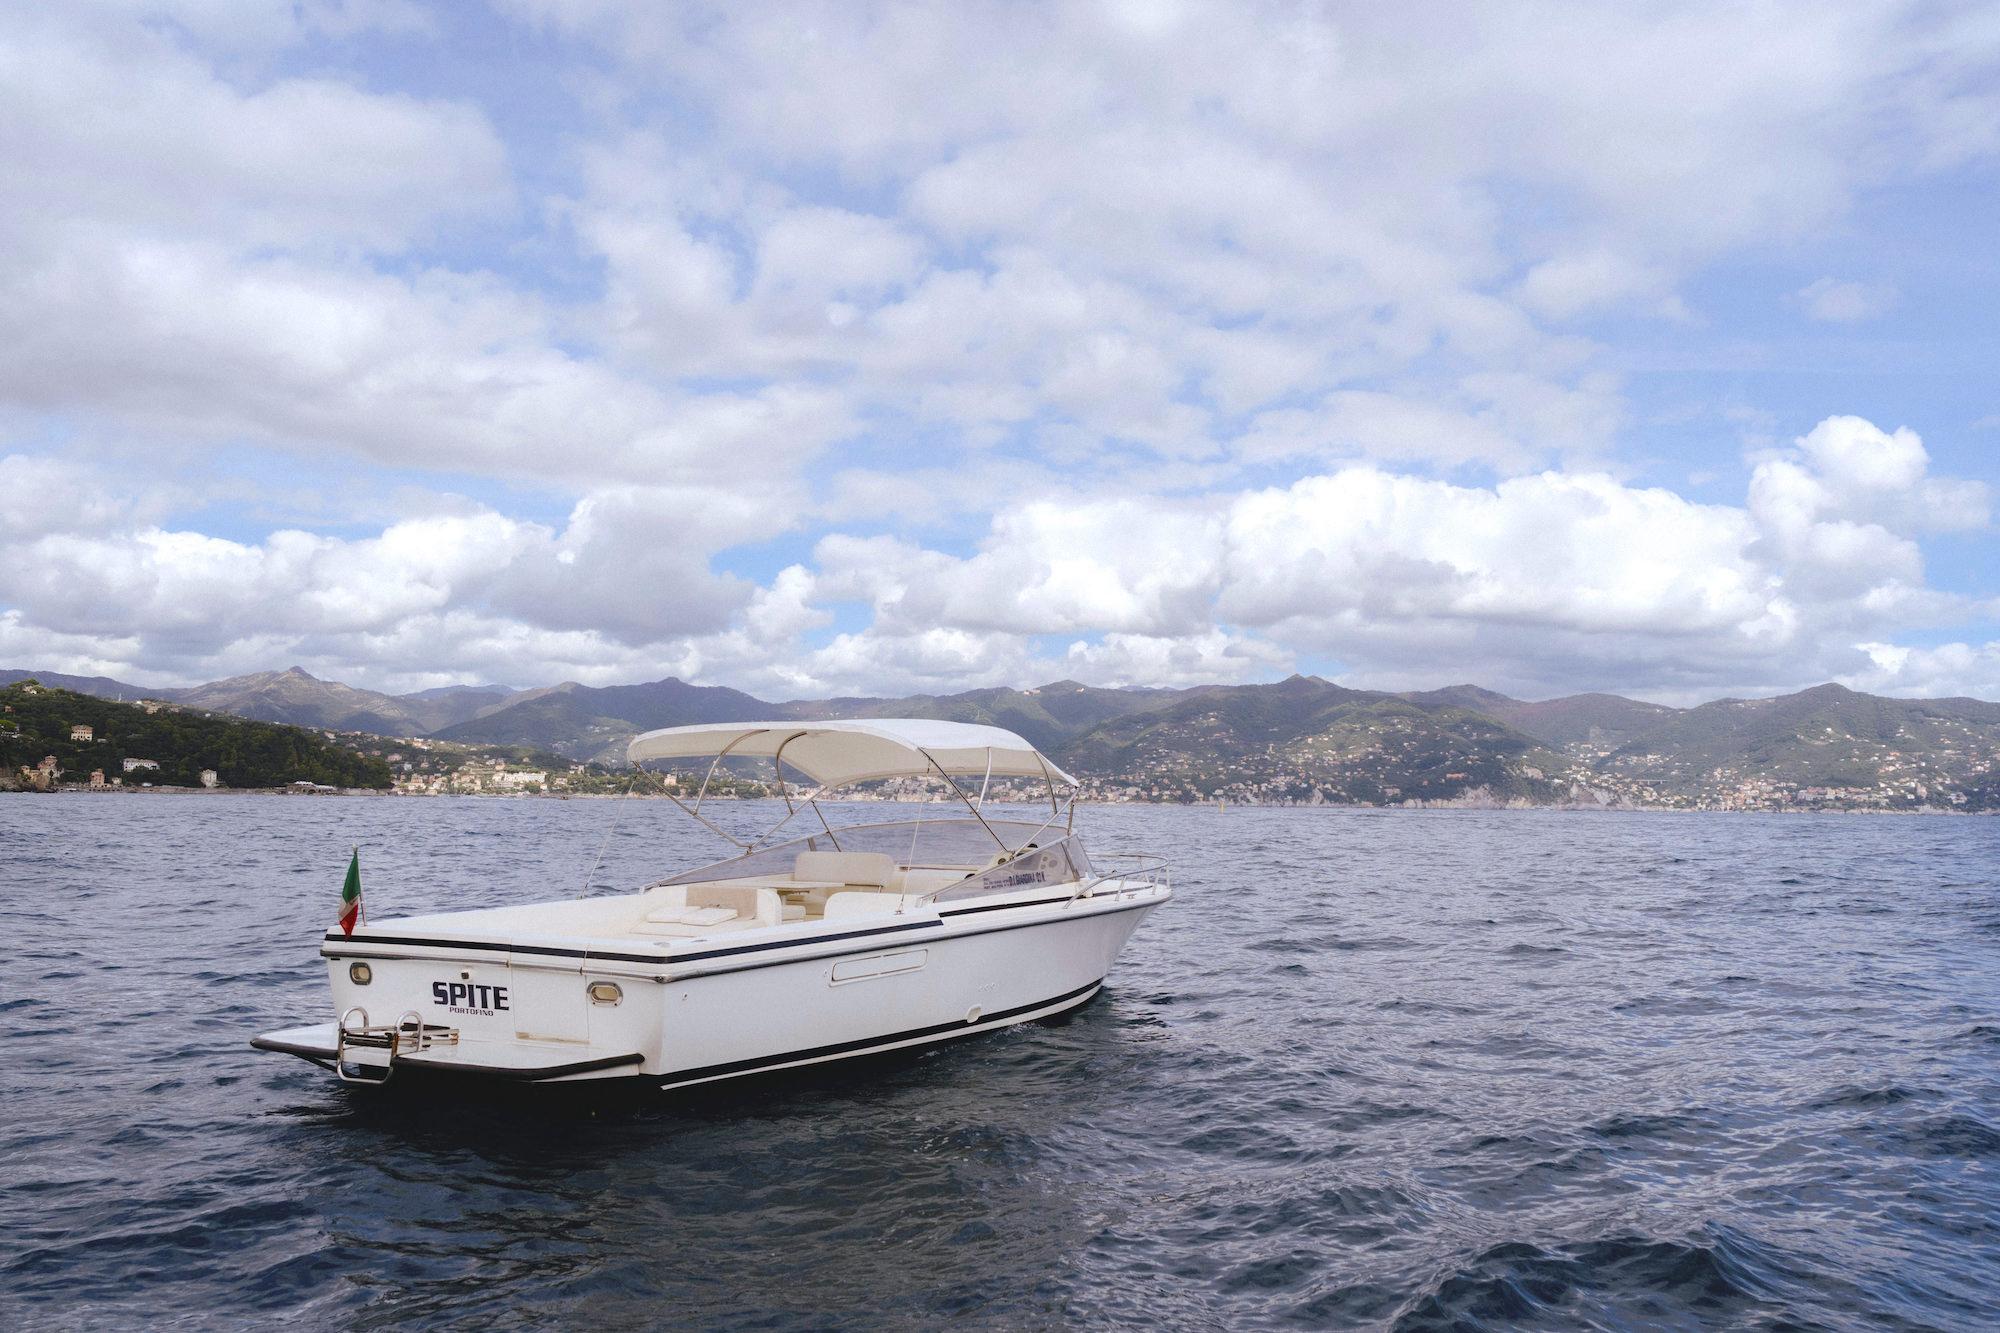 Cesare Charter Portofino - Tour Porto Venere and Palmaria Island, Spite